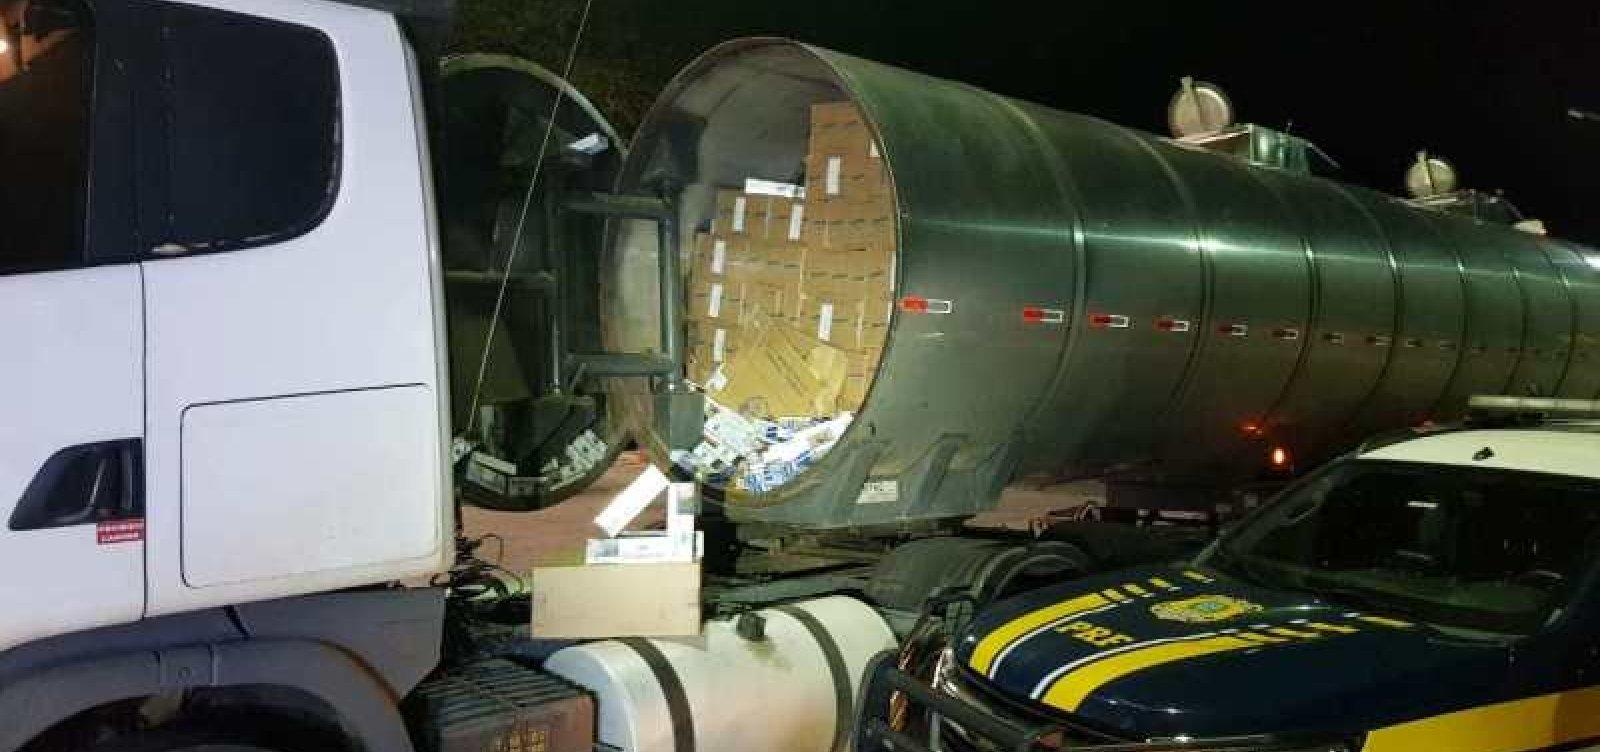 [Homem é preso e carga de 250 mil maços de cigarro é apreendida em caminhão-tanque na BR-116]